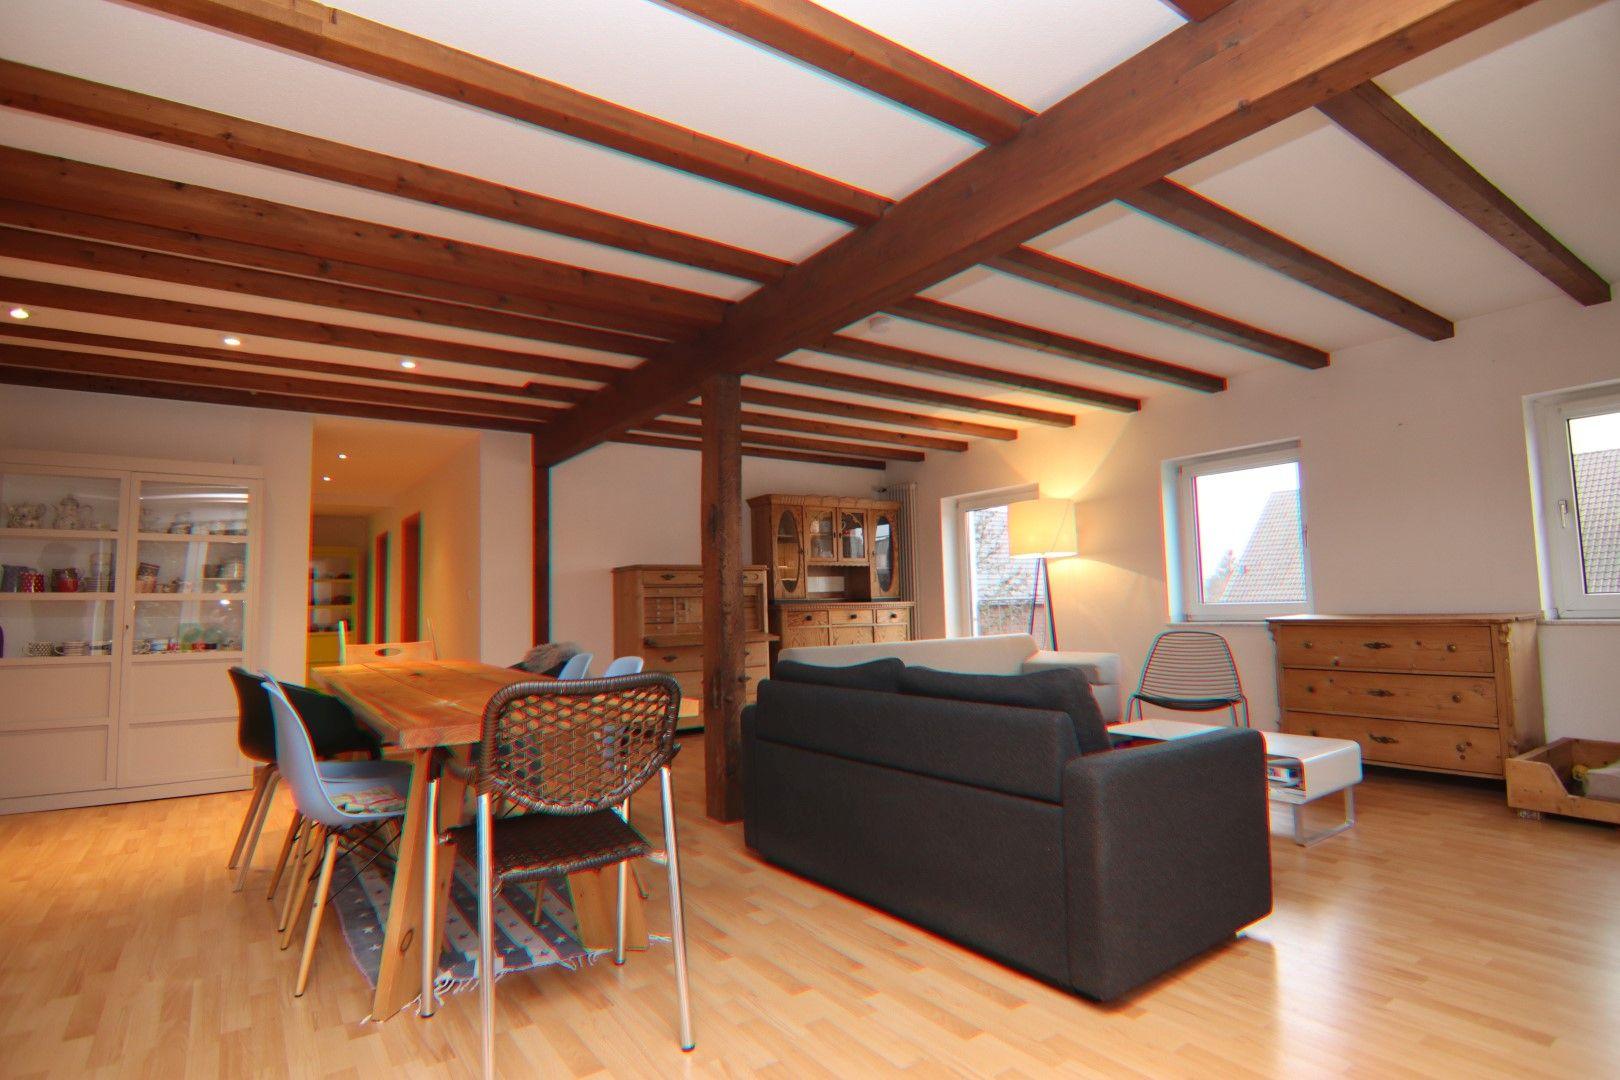 Immobilie Nr.0291 - 4-Raum-Wohnung, 2 Bäder mit Balkon u. Stpl. - Bild 3.jpg